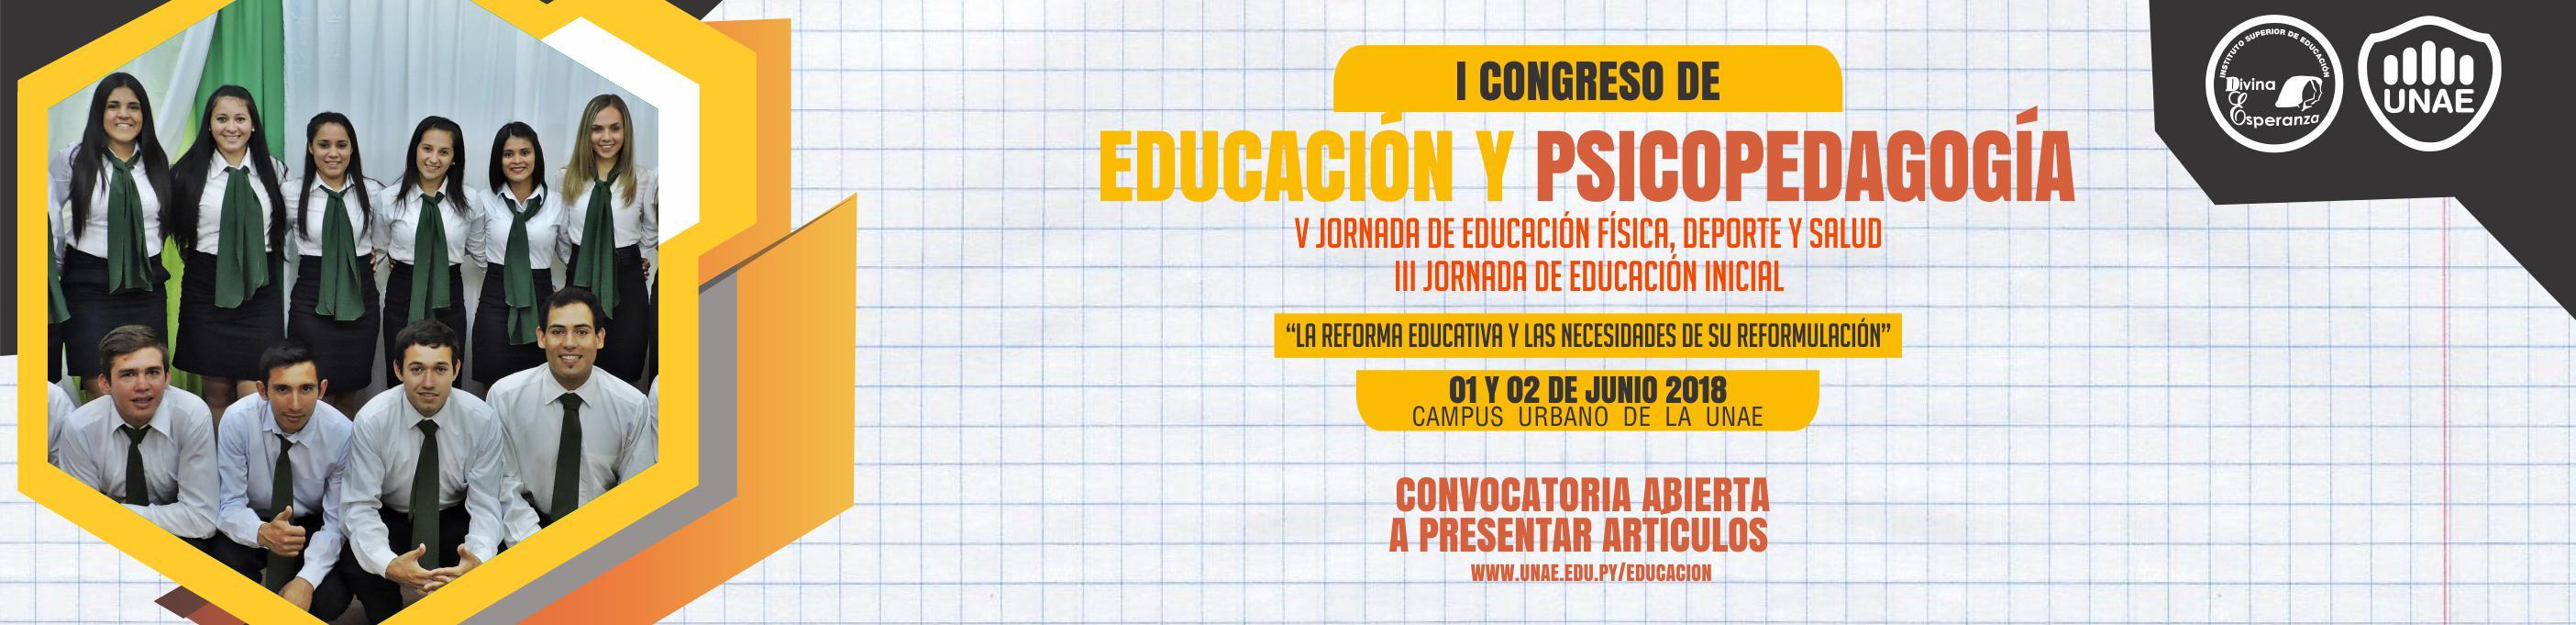 Excelente Reanudar Sin Experiencia O Educación Imágenes - Ejemplo De ...